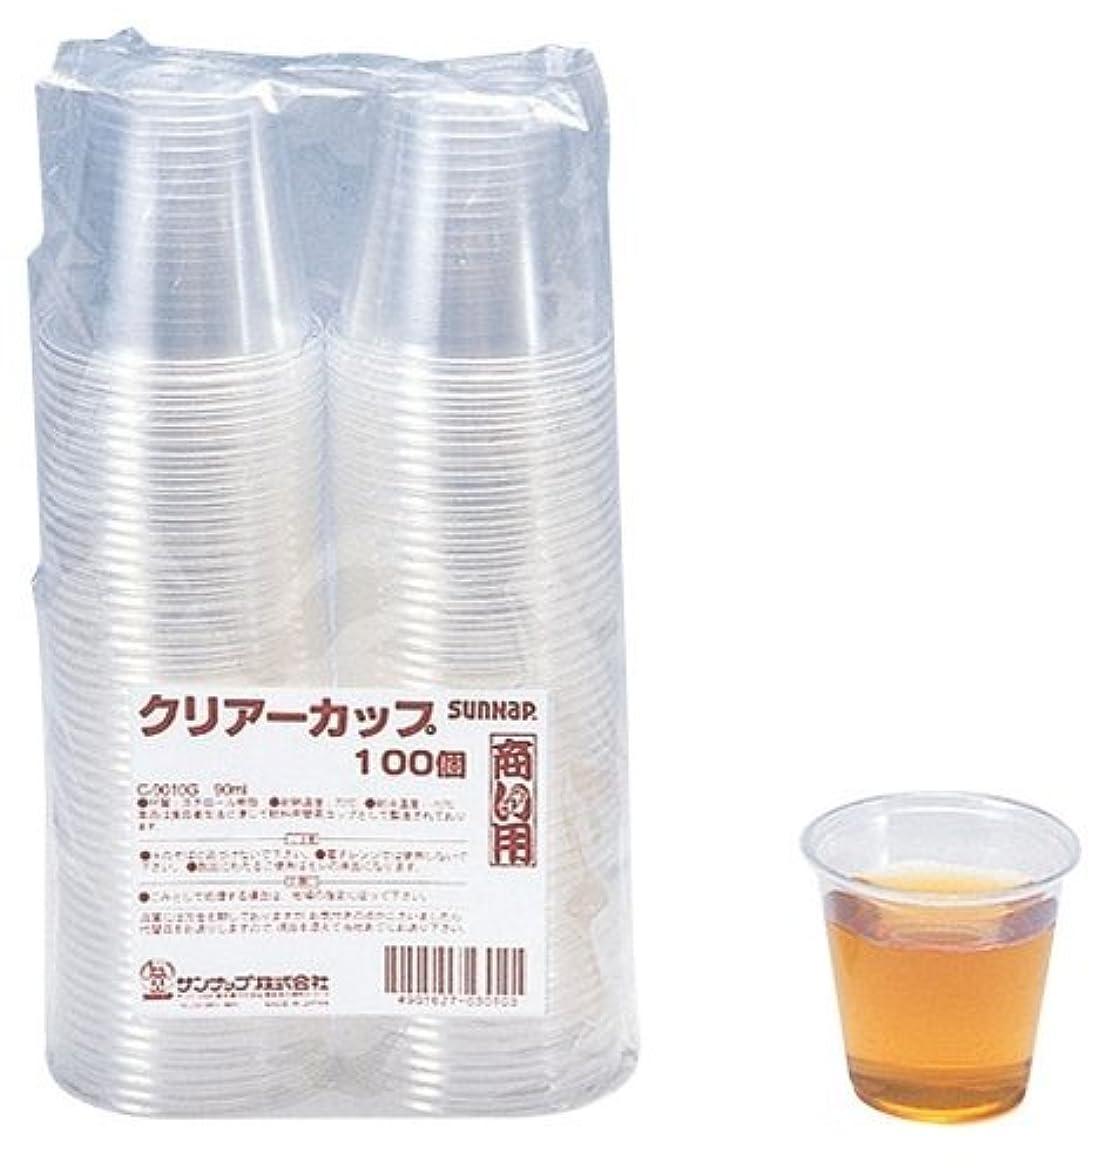 内訳スカリーチケット(まとめ買い) サンナップ 商い用クリアーカップ 90ml 100個 C-9010G 【×3】